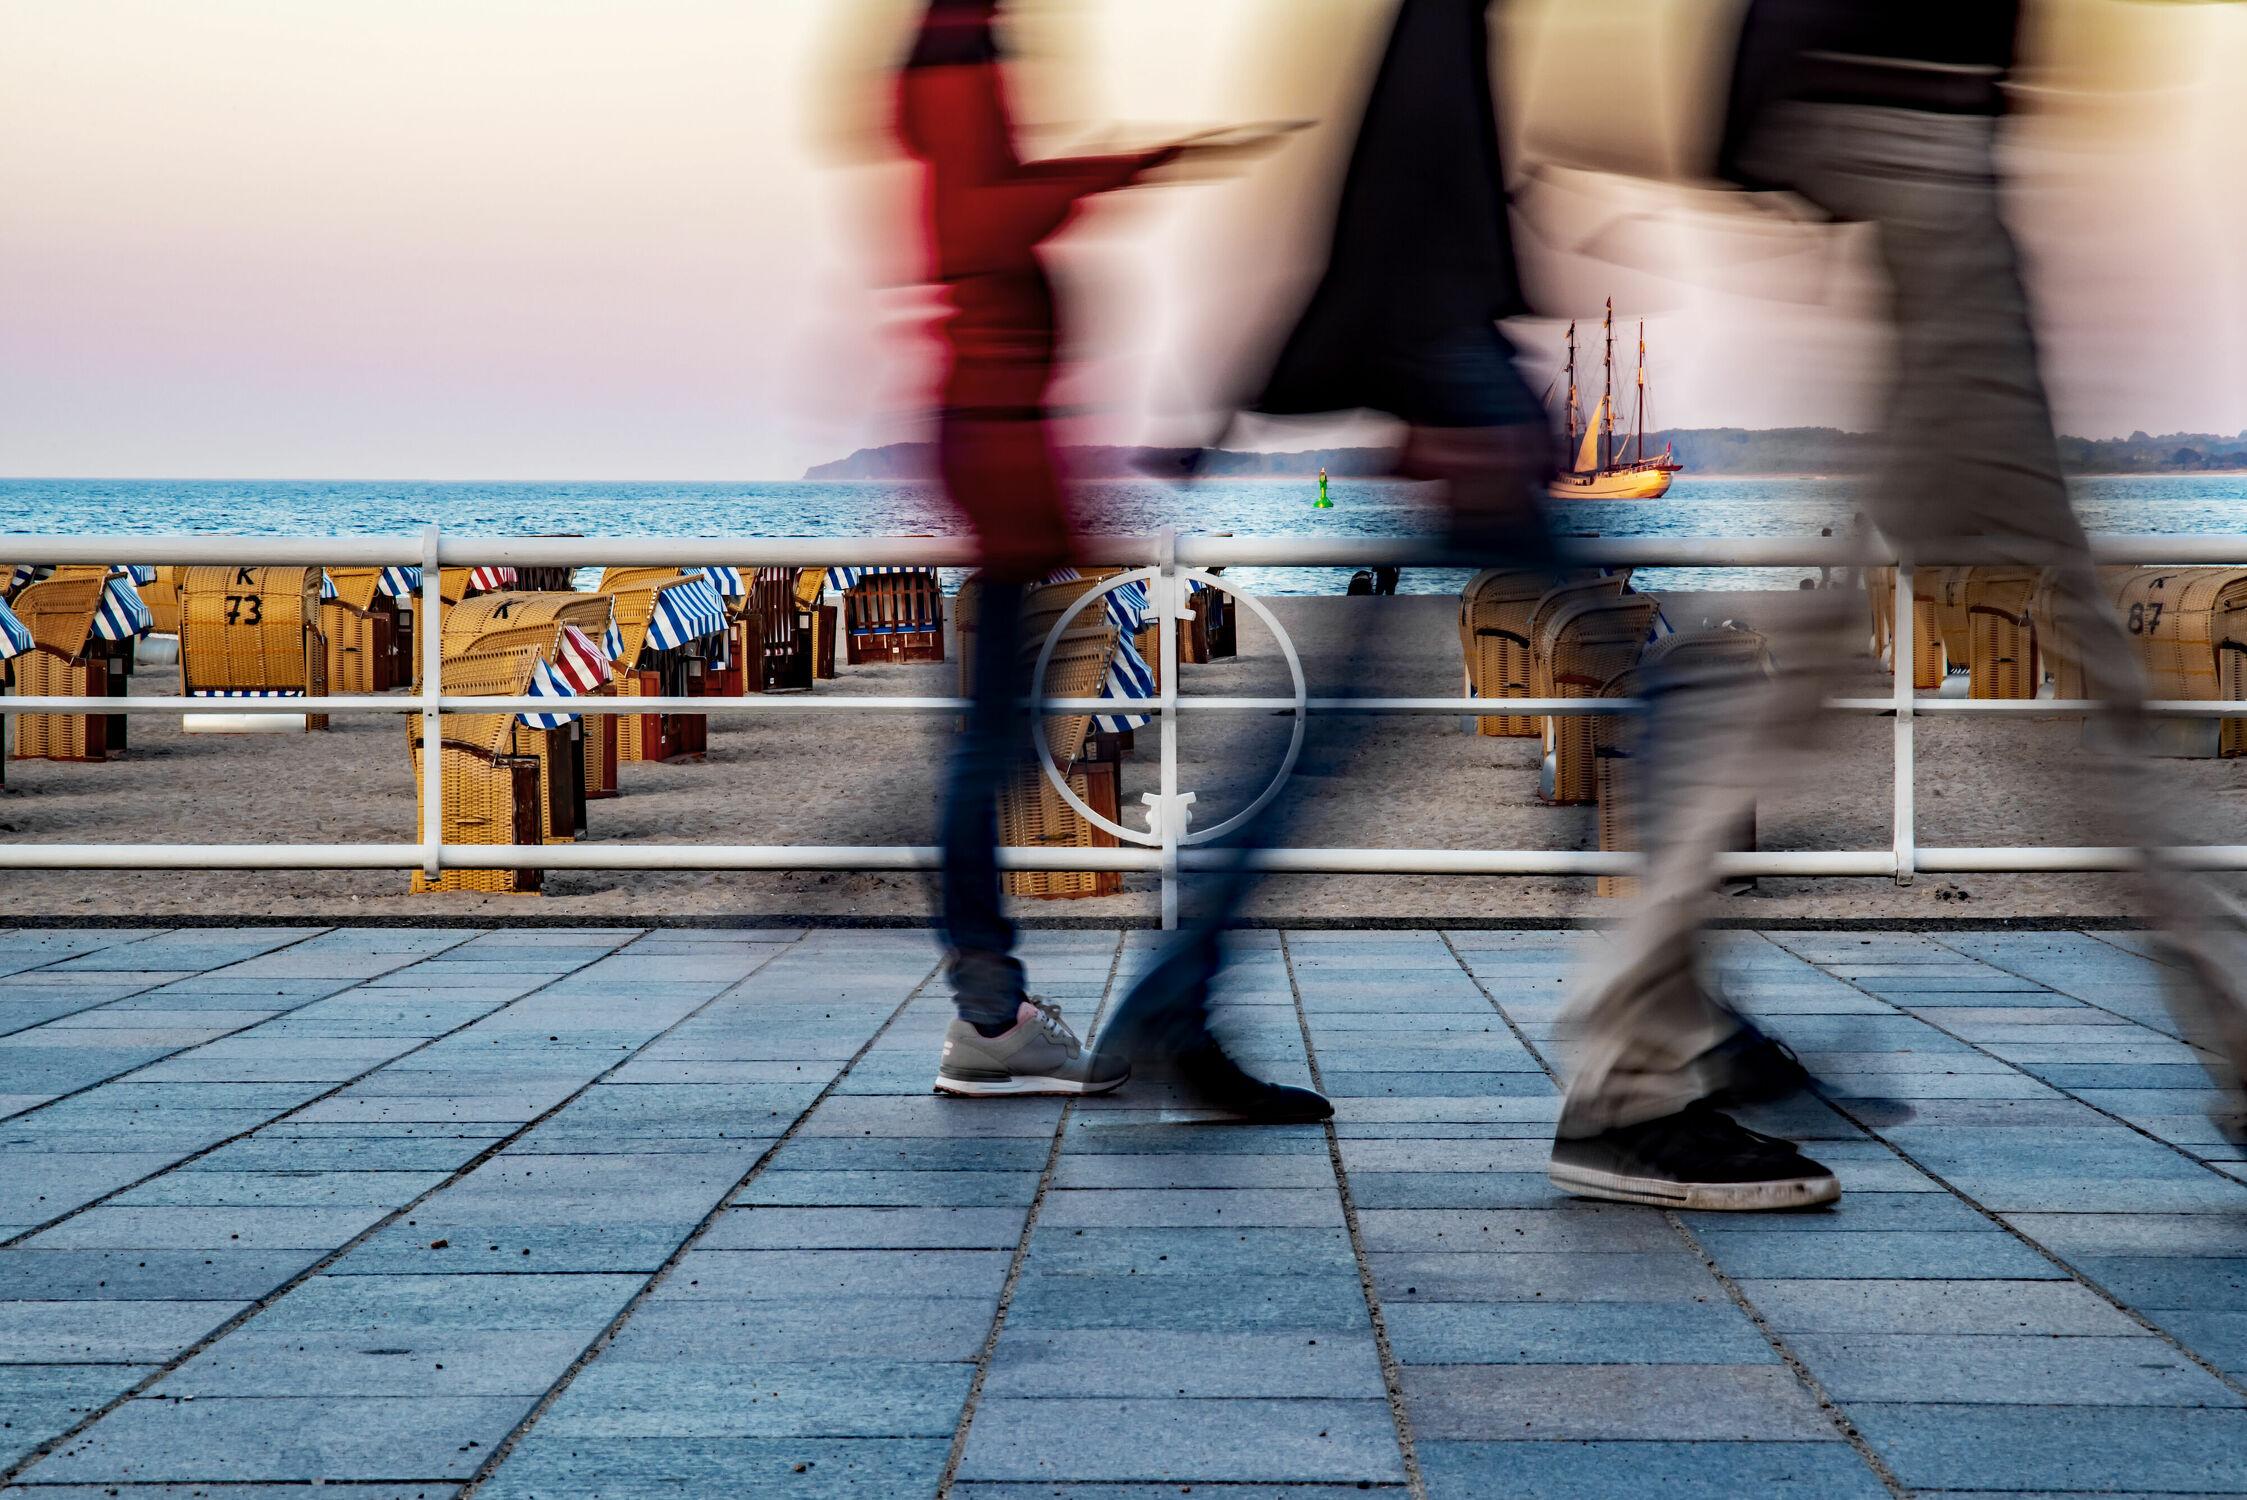 Bild mit Sommer, Strand, Strandkörbe, Ostsee, Promenade, LZB, Fussgänger, Urlauber, eilig, schnell